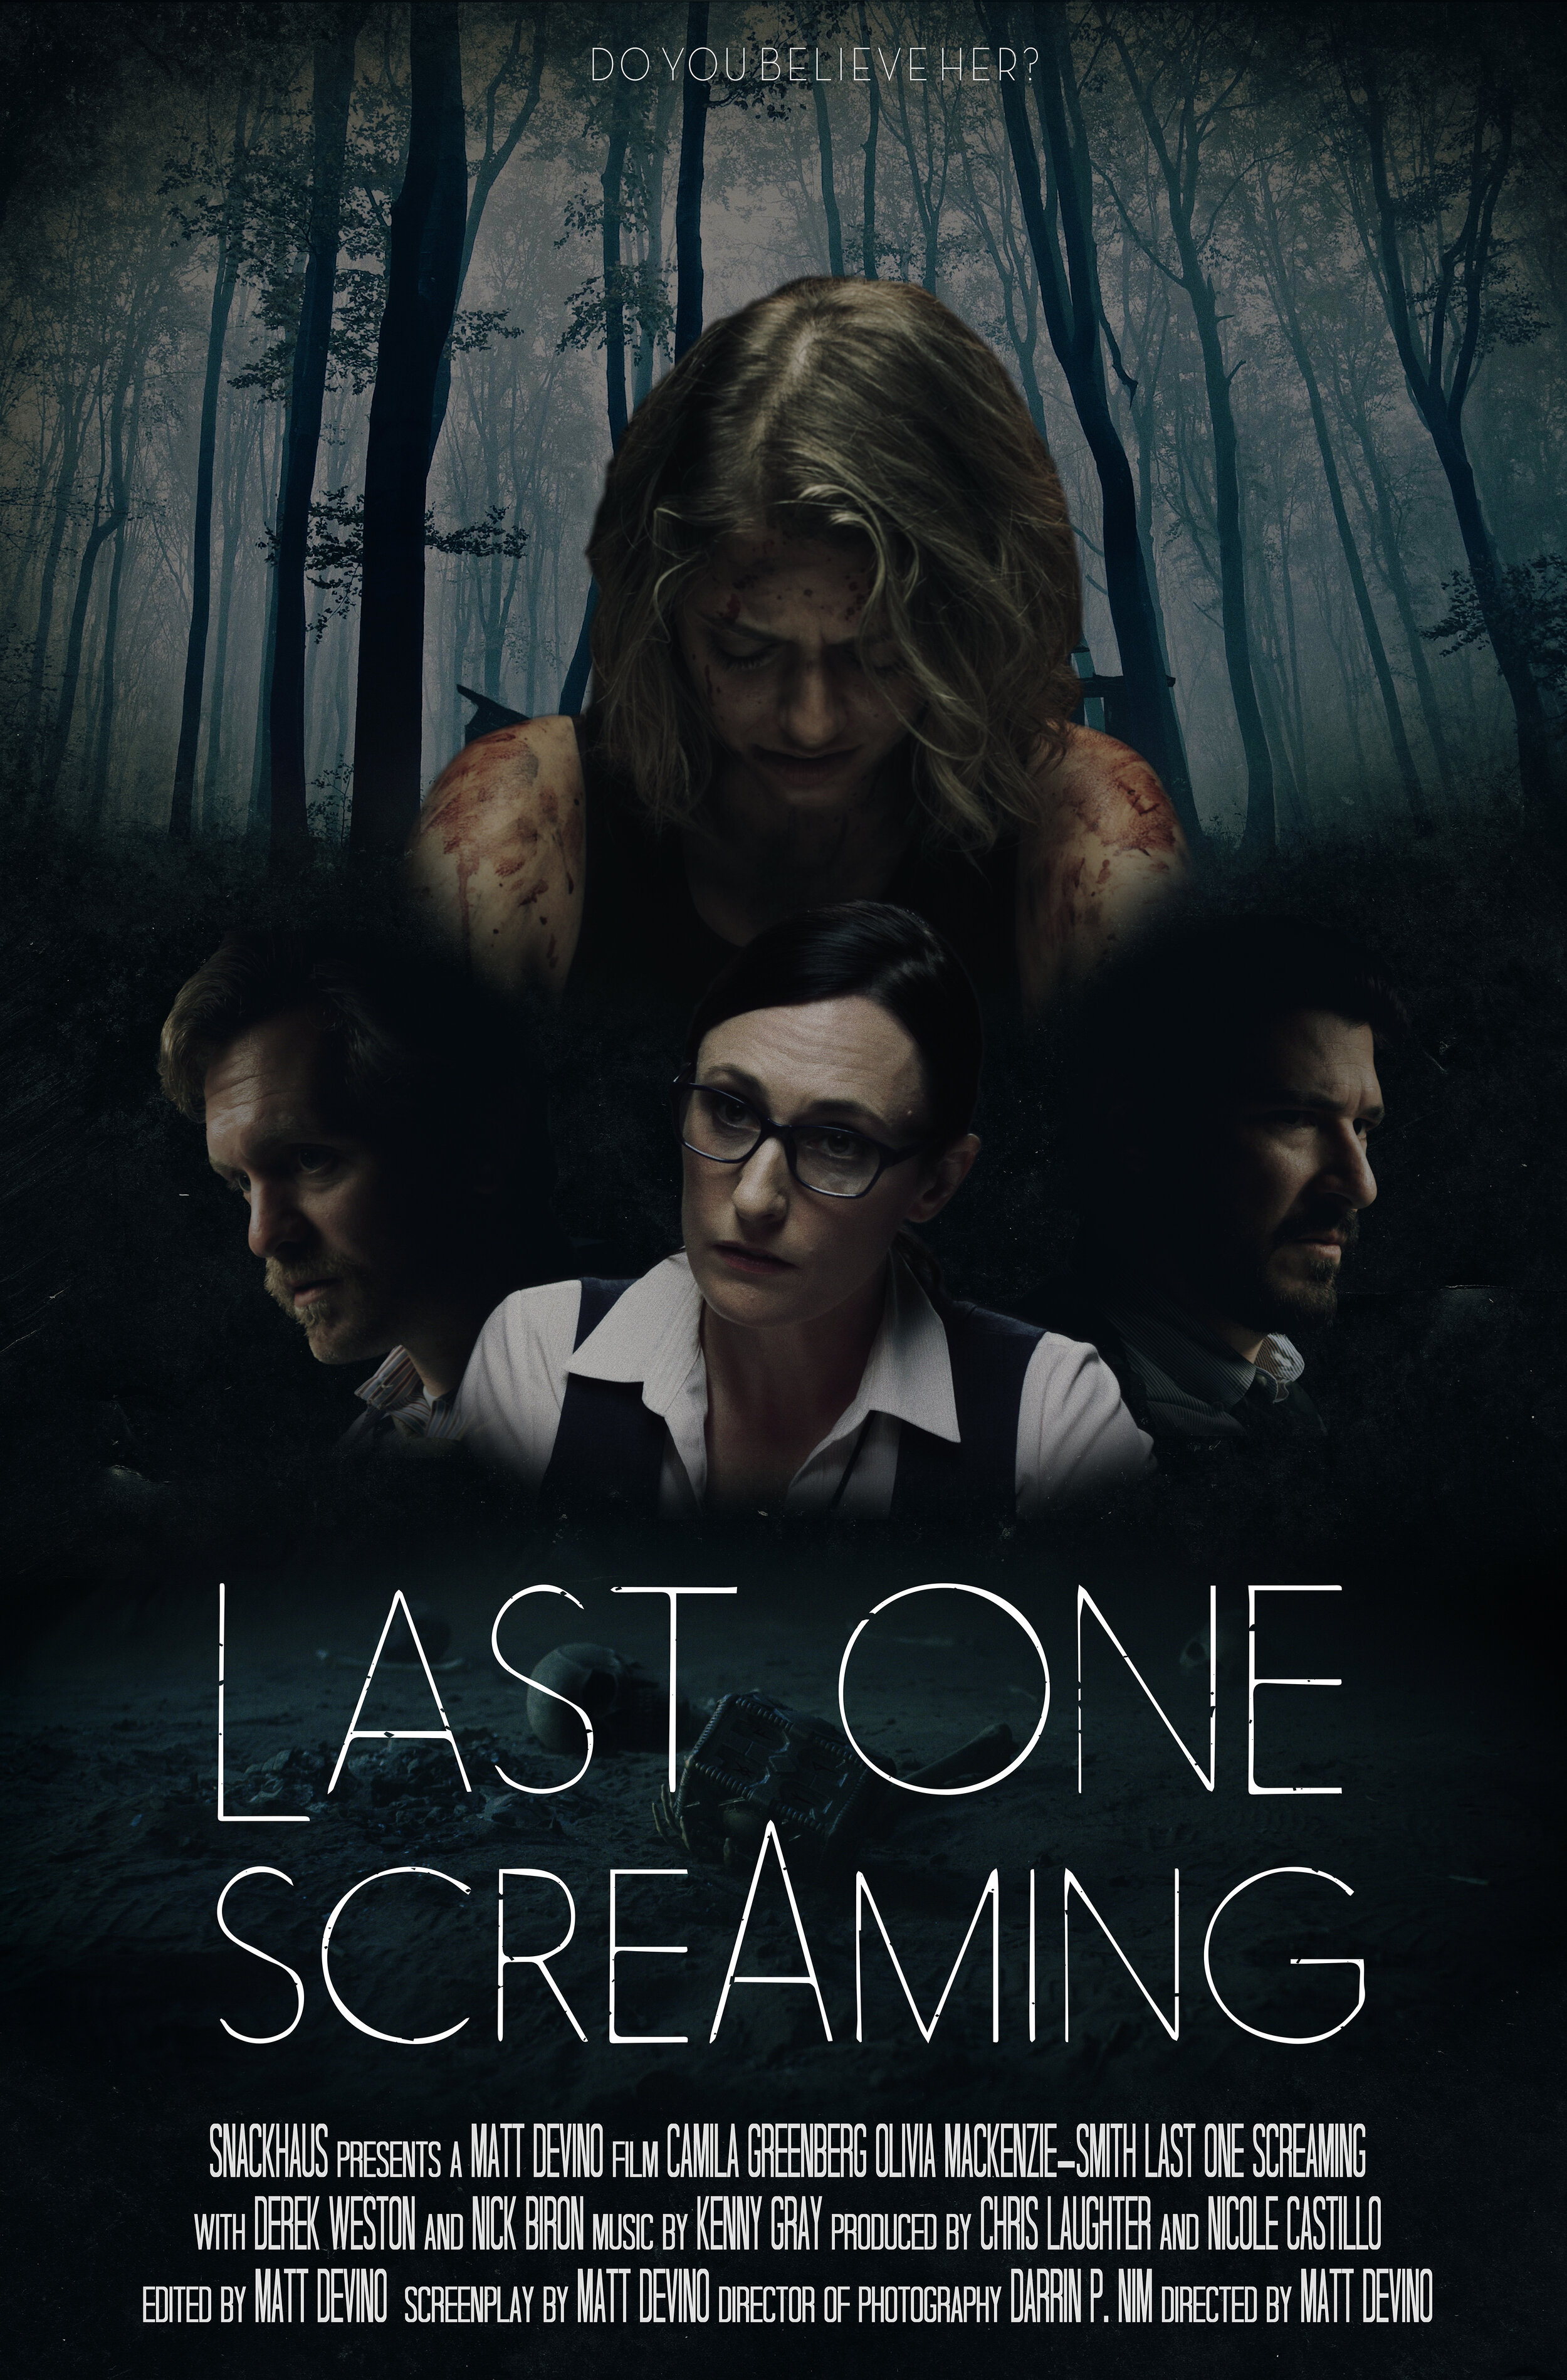 LastOneScreaming_Poster1_medium.jpg